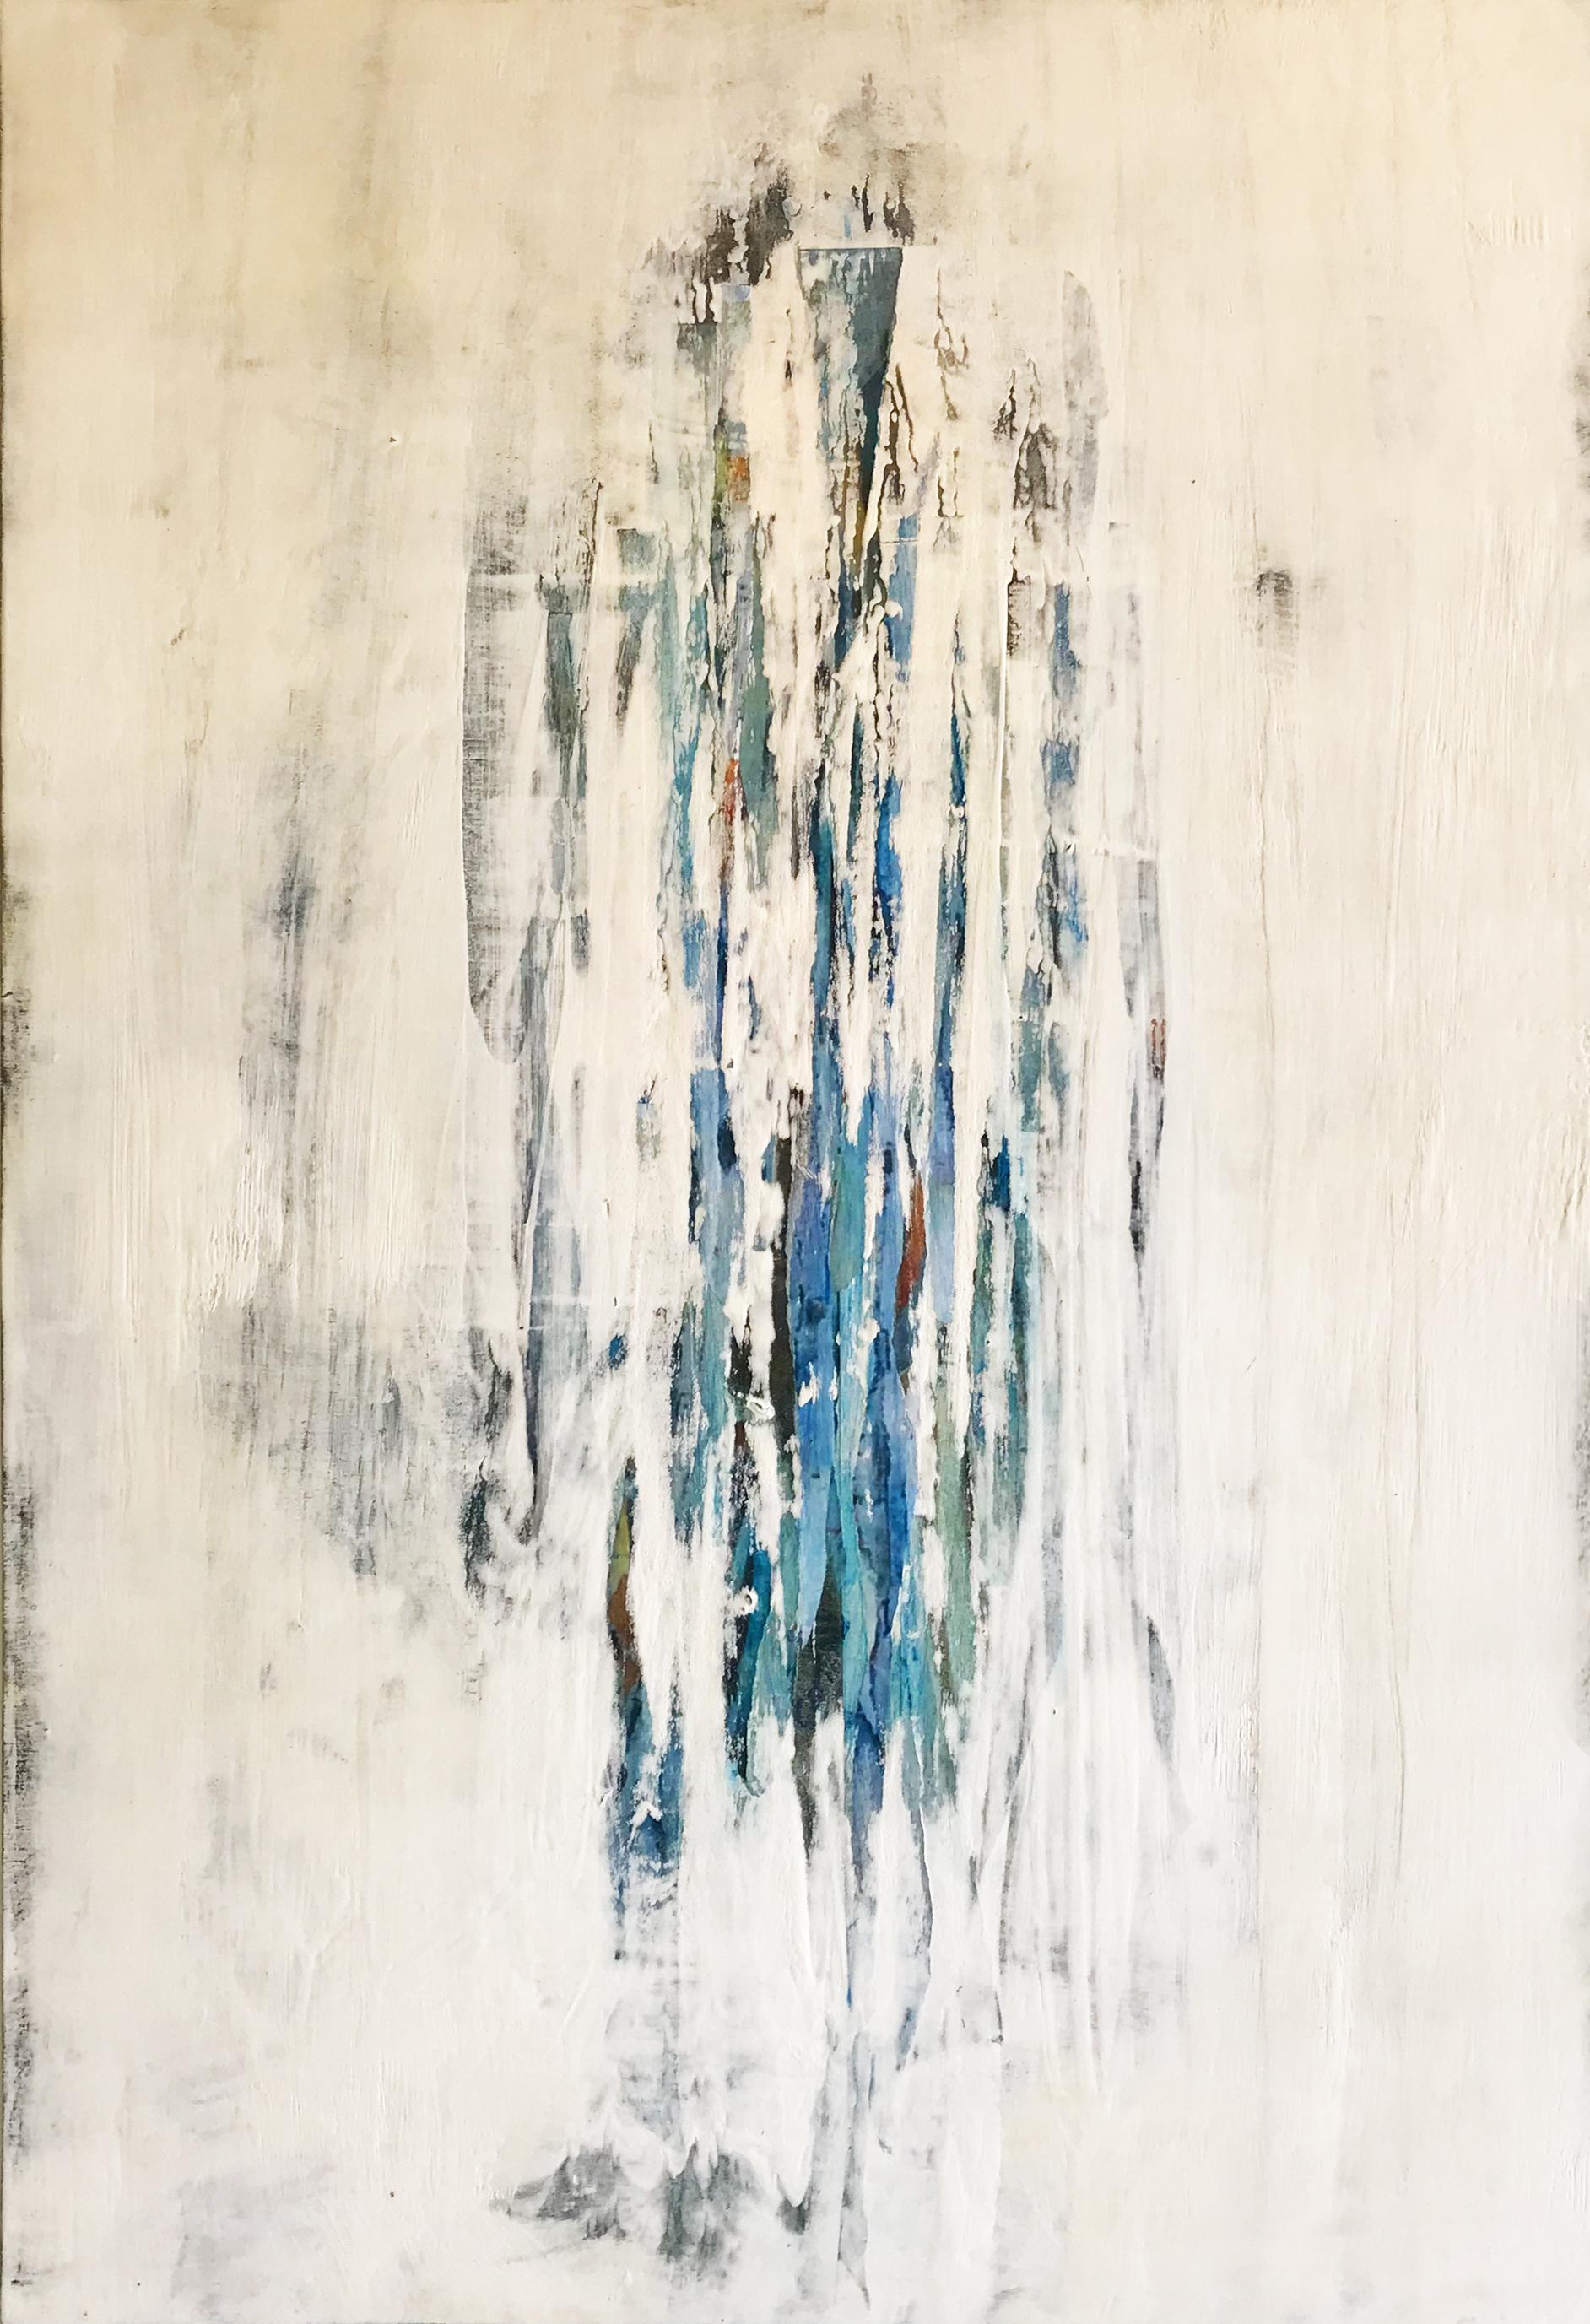 Blue Fall 24x36